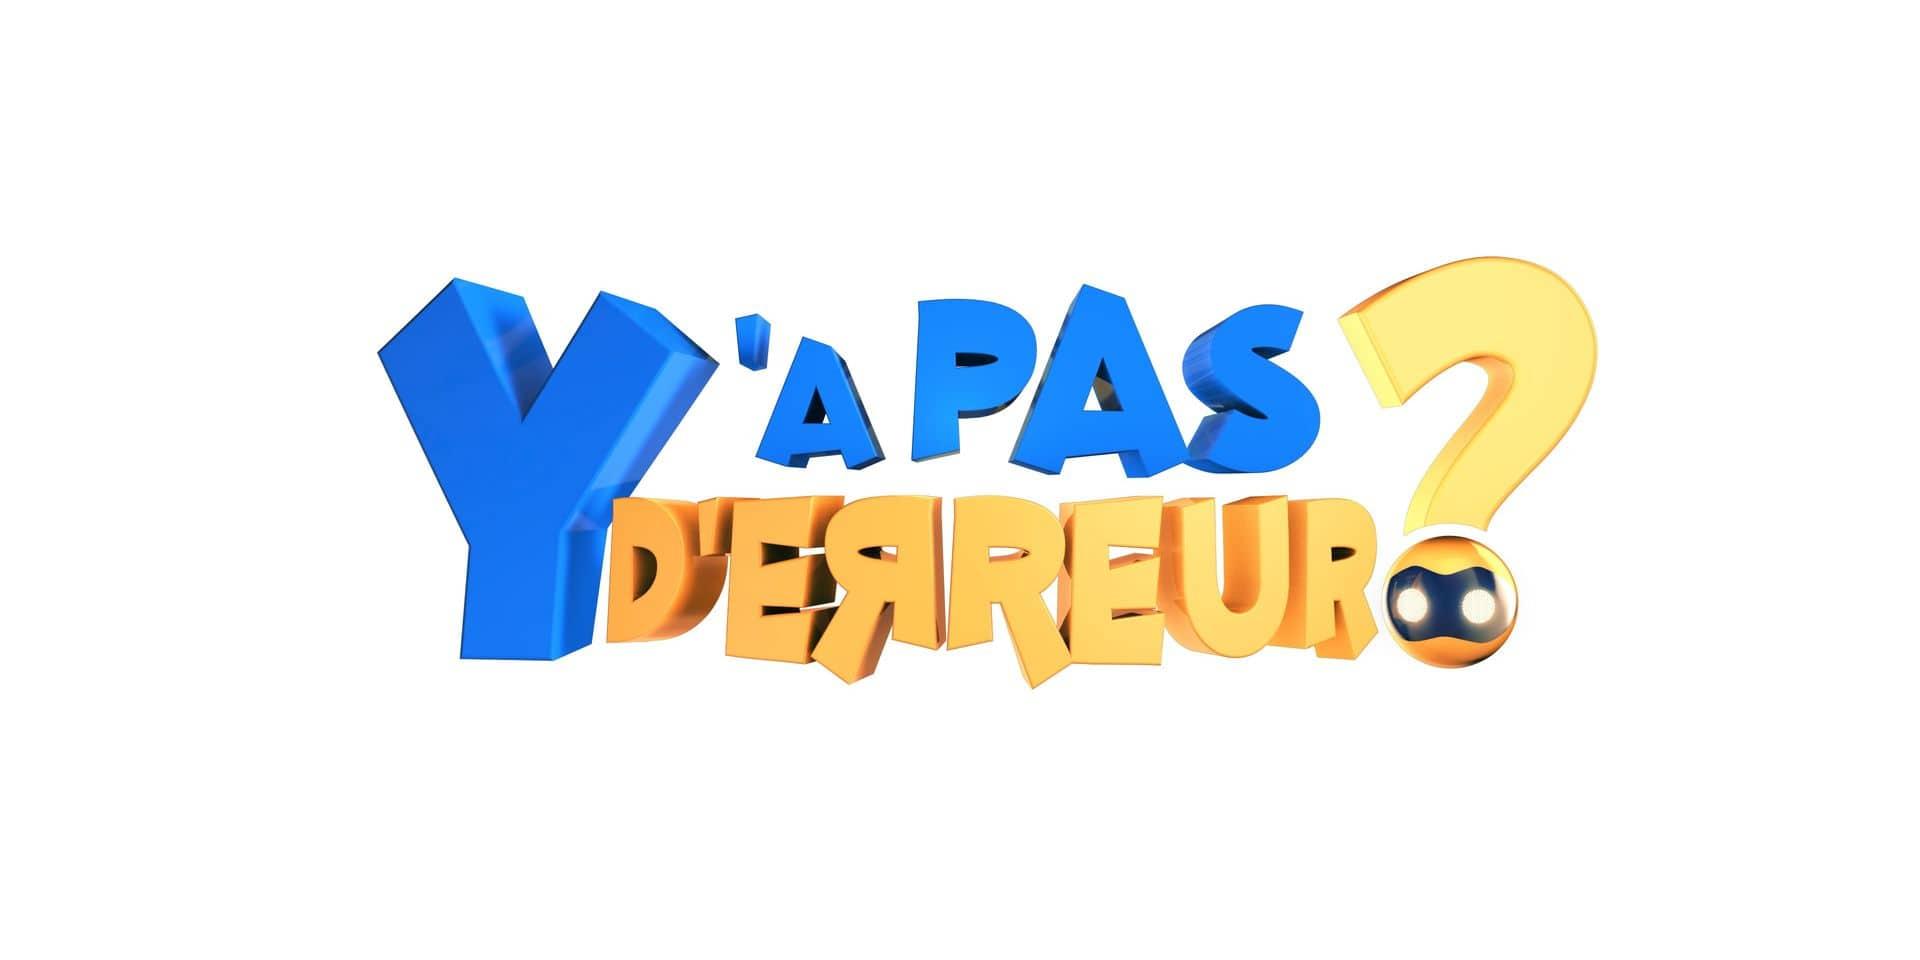 """Appel aux candidats belges : le casting de """"Y a pas d'erreur"""", le nouveau jeu de France 2, est ouvert"""